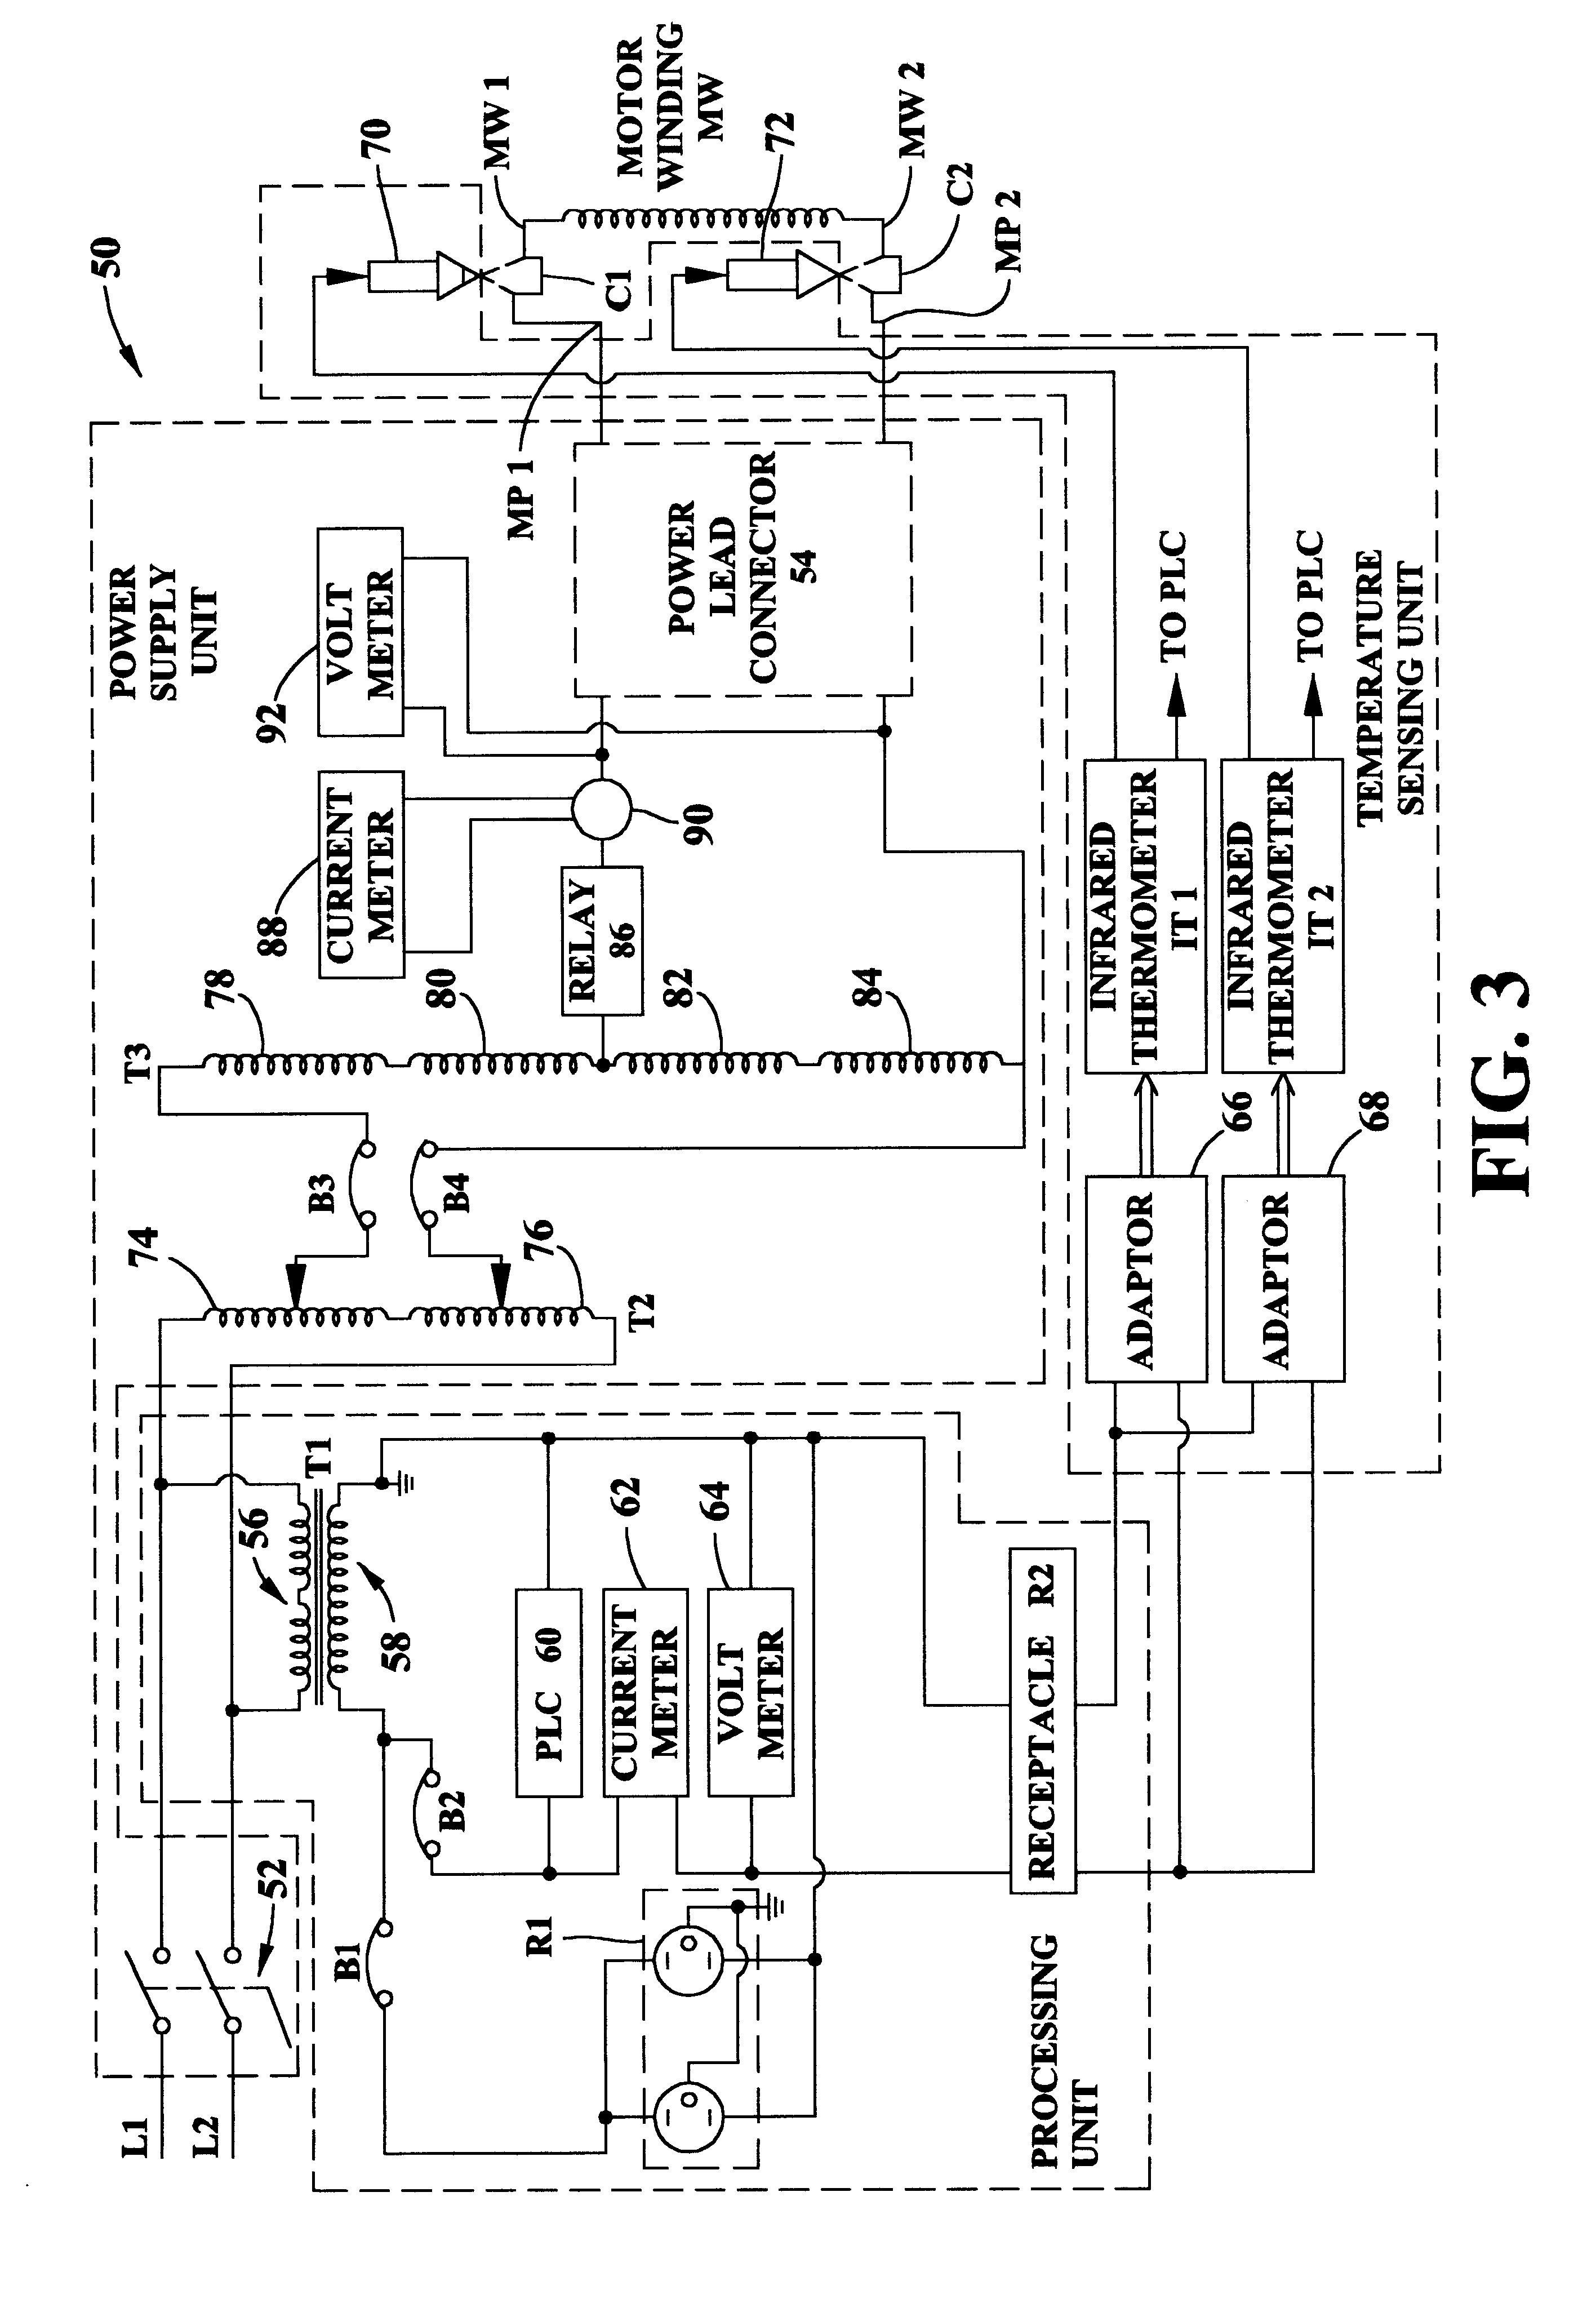 avr wiring diagram